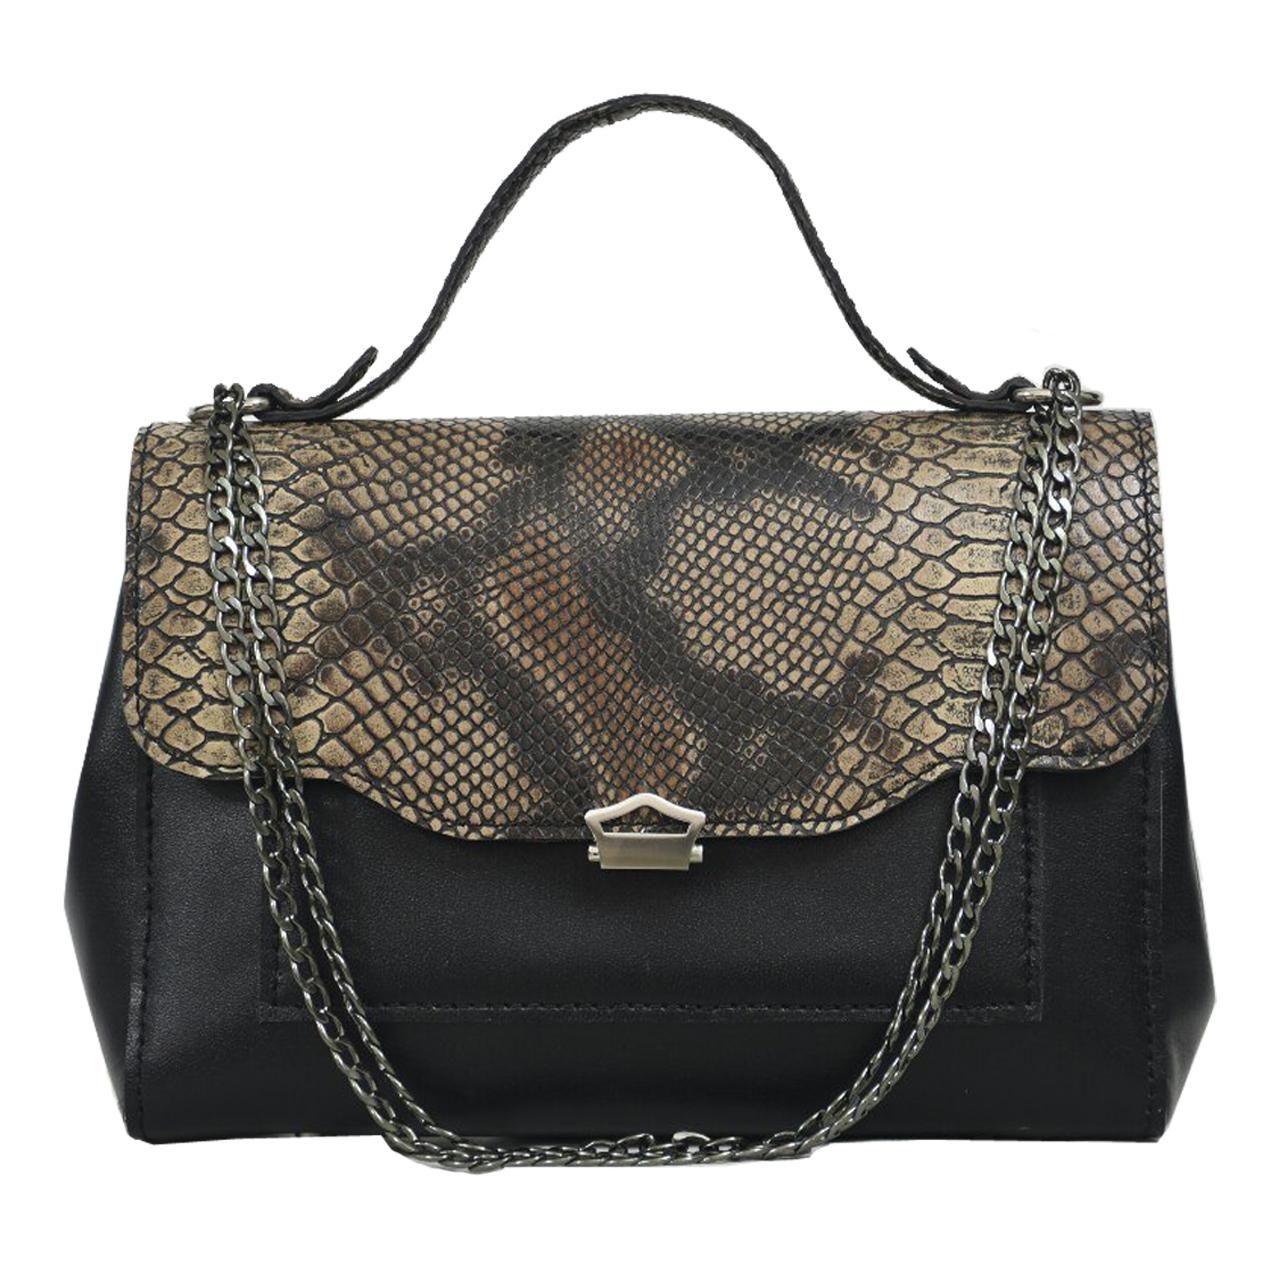 کیف دستی زنانه  چرم دستدوز مژی مدل M65-1 سایز L